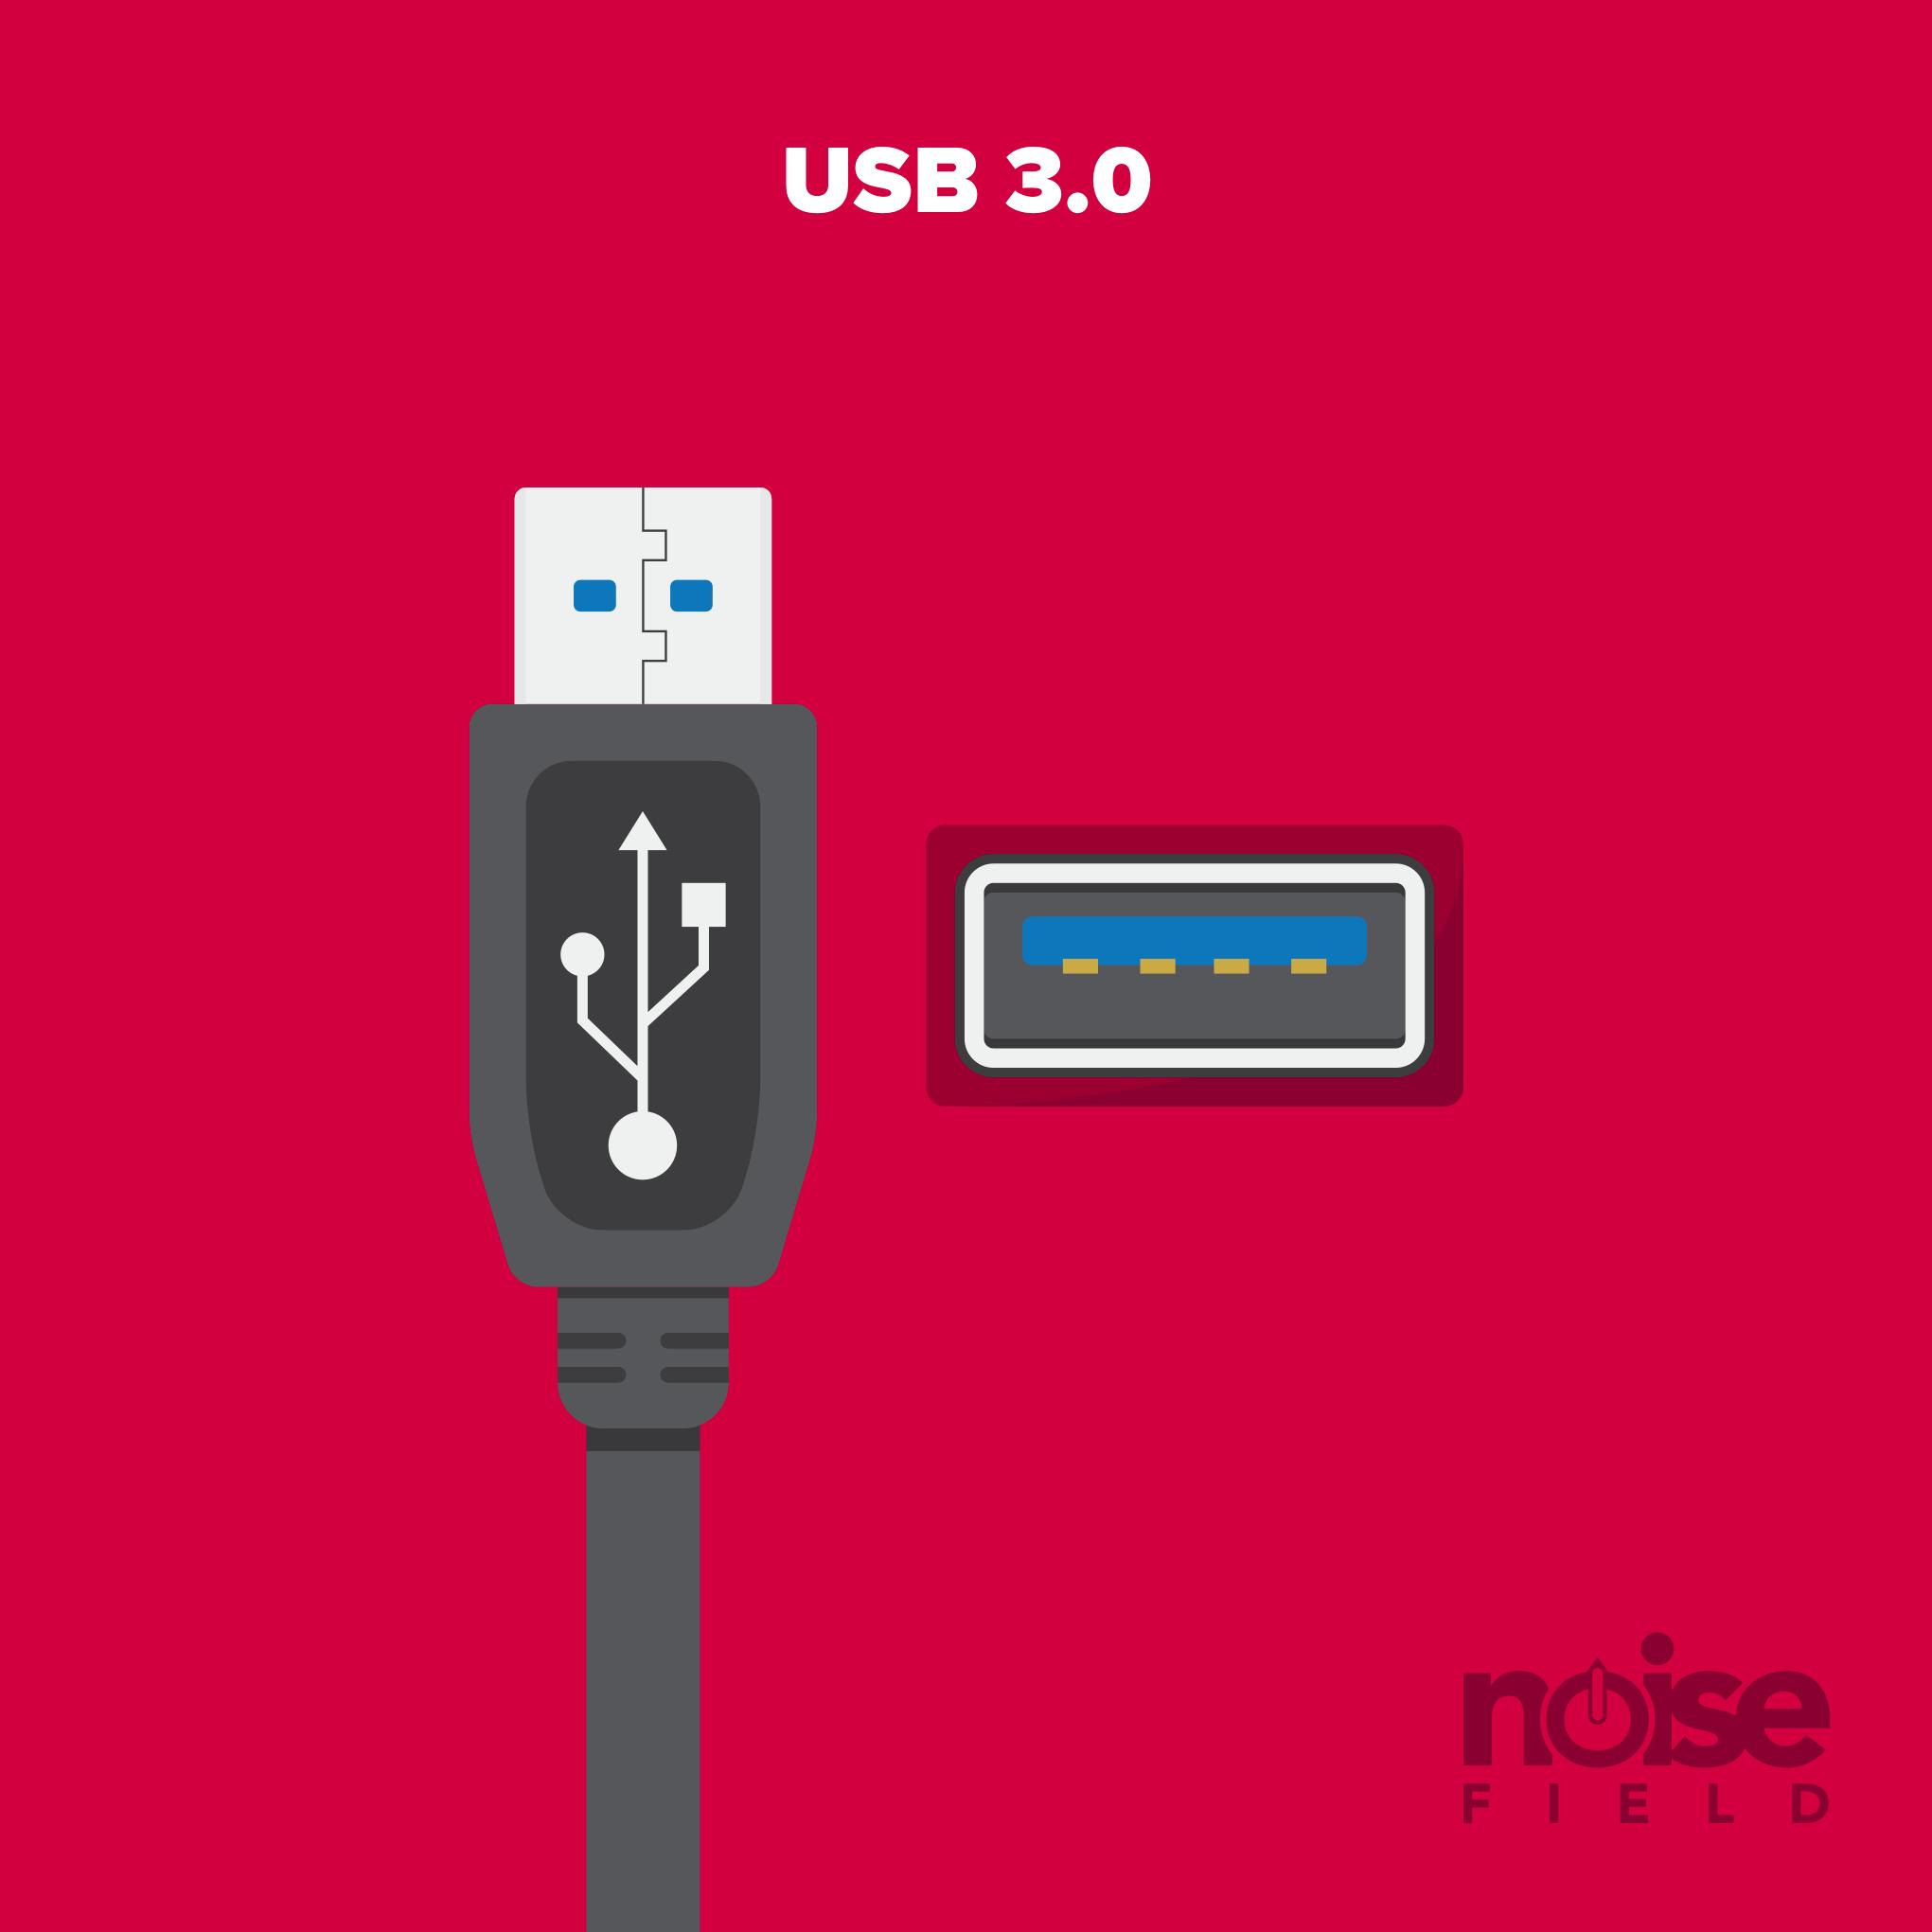 USB 3.0 Illustration Vector Audio Interface